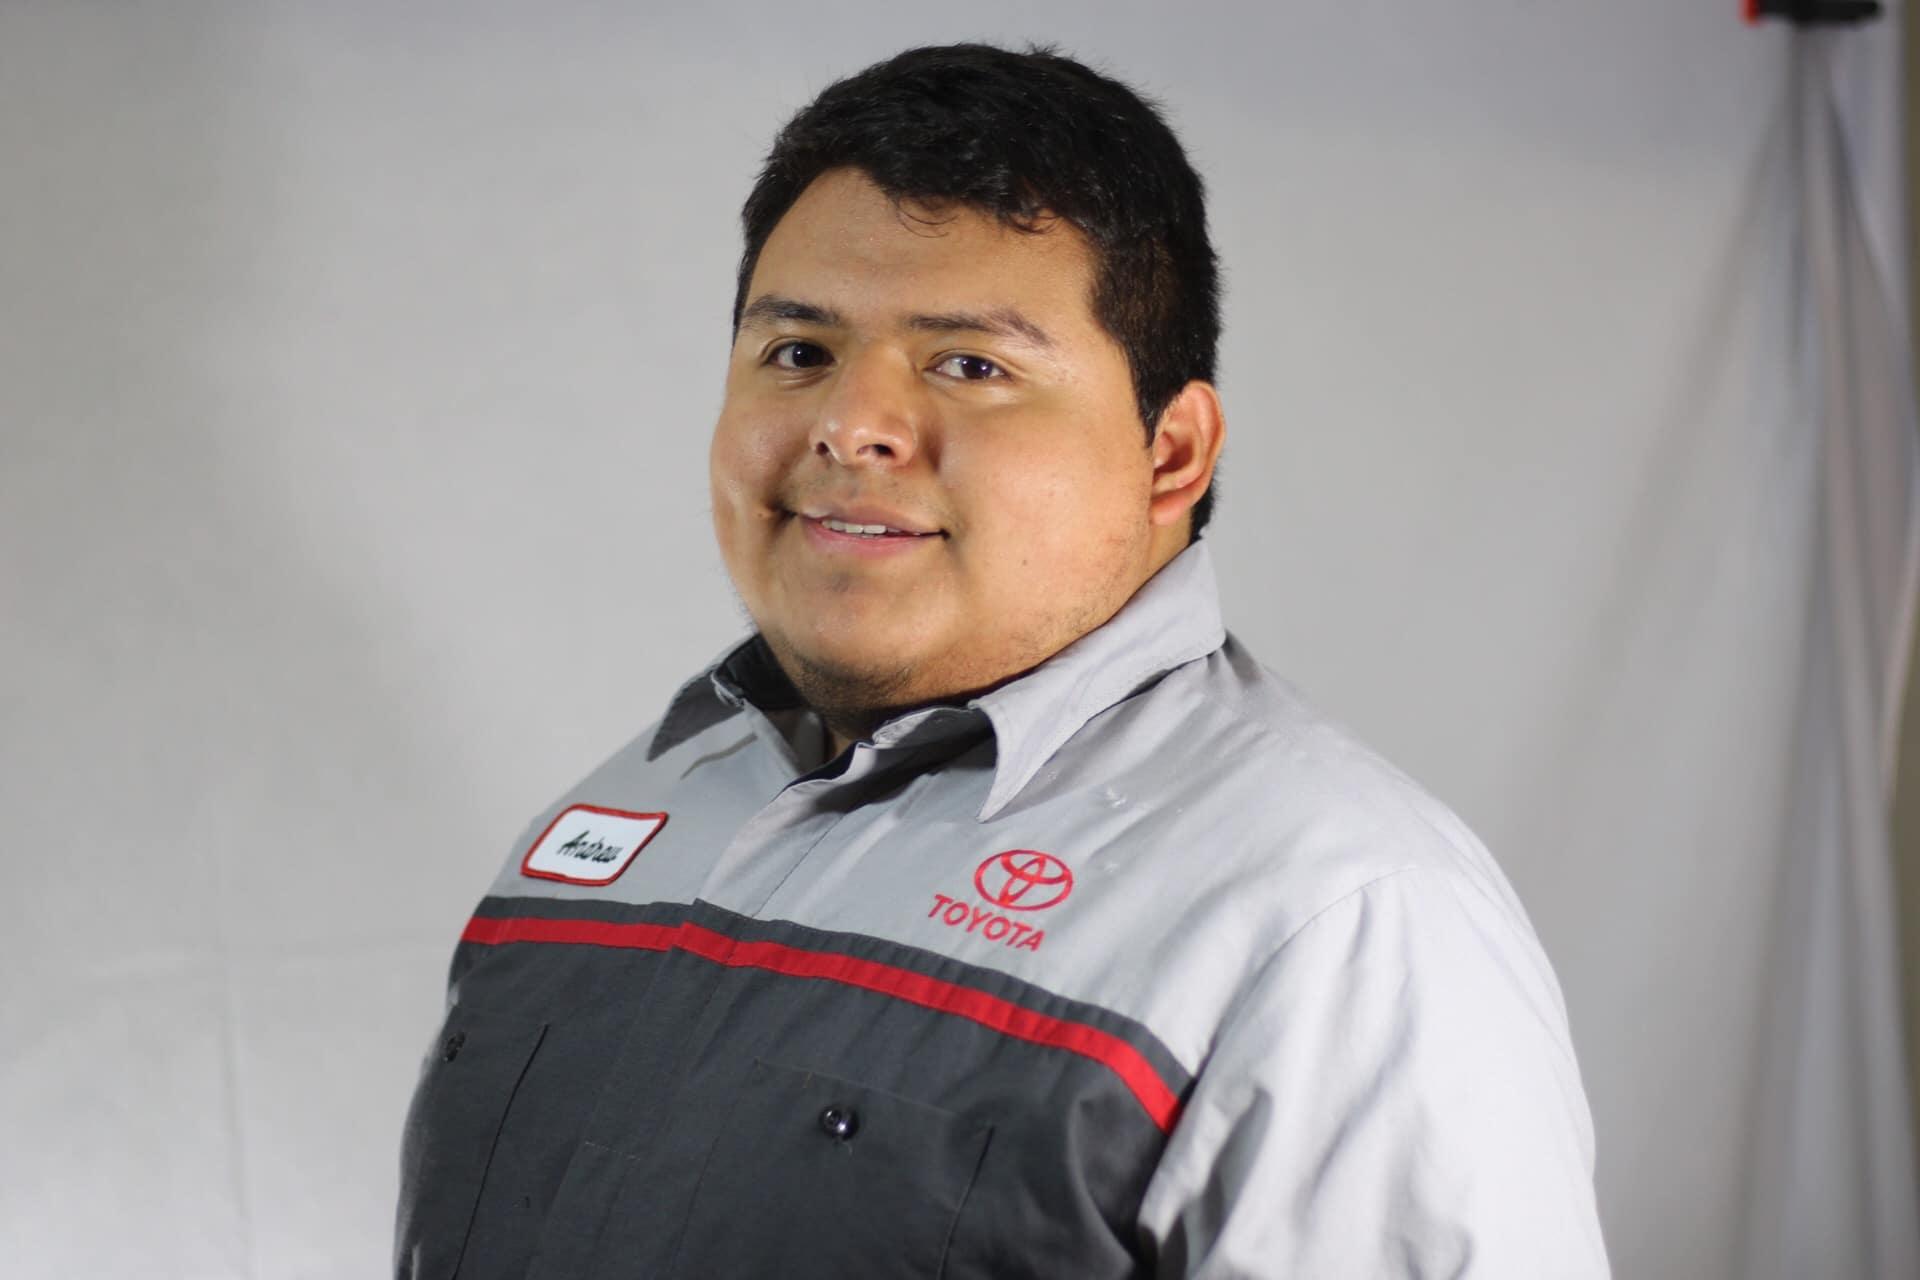 Andrew Resendiz